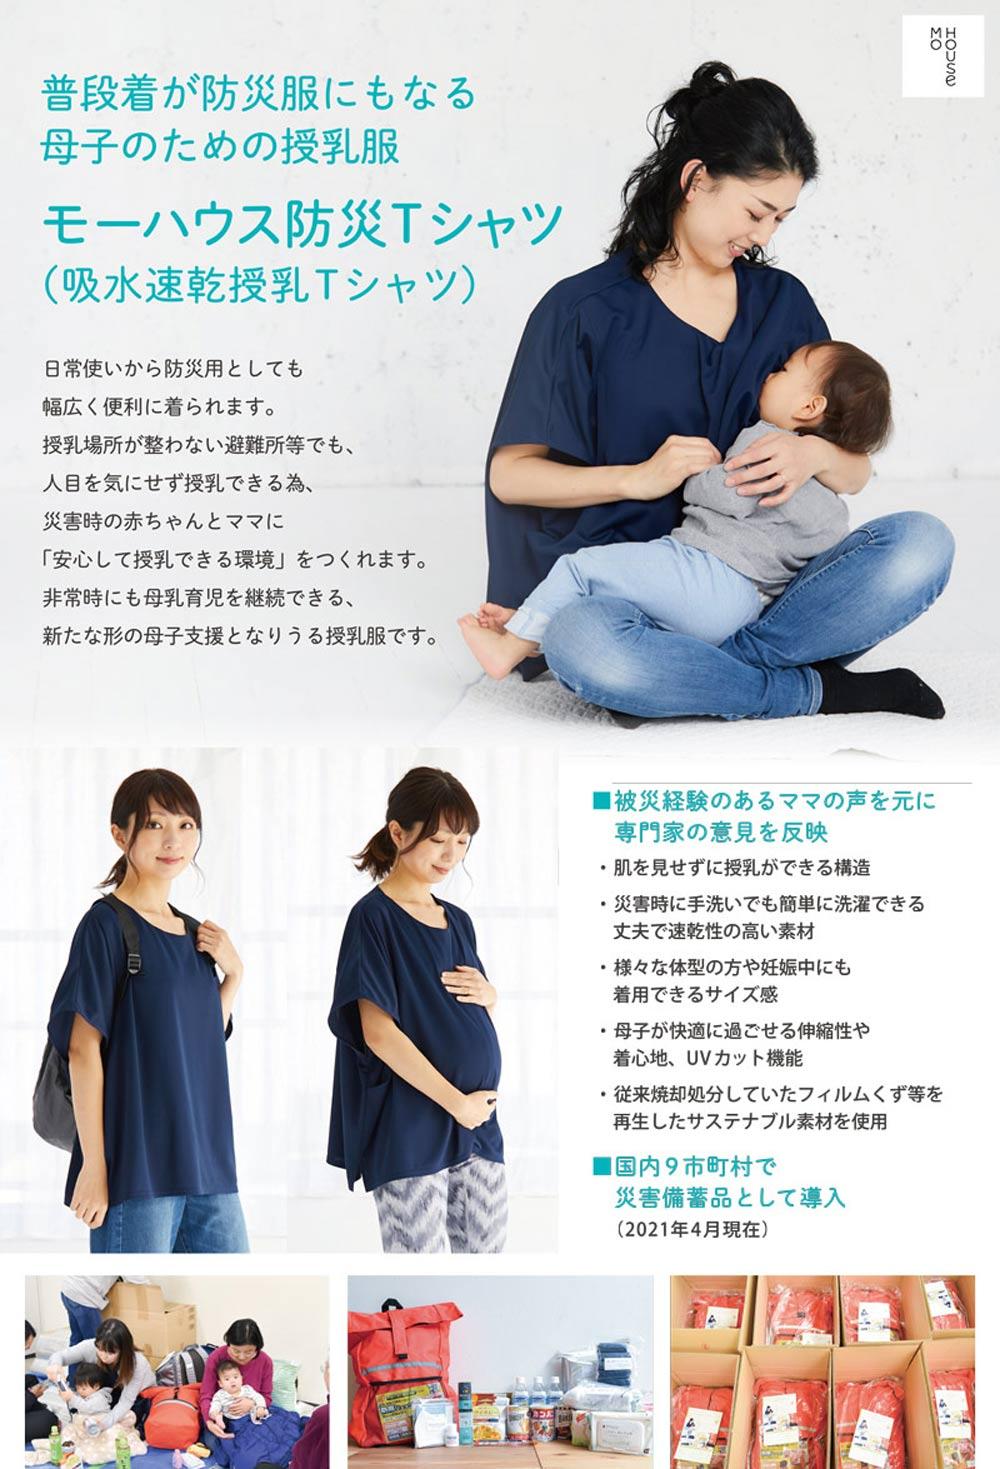 授乳服 授乳、半袖 フリーサイズ 吸水速乾 サステナブル素材 防災、災害、避難所 母乳